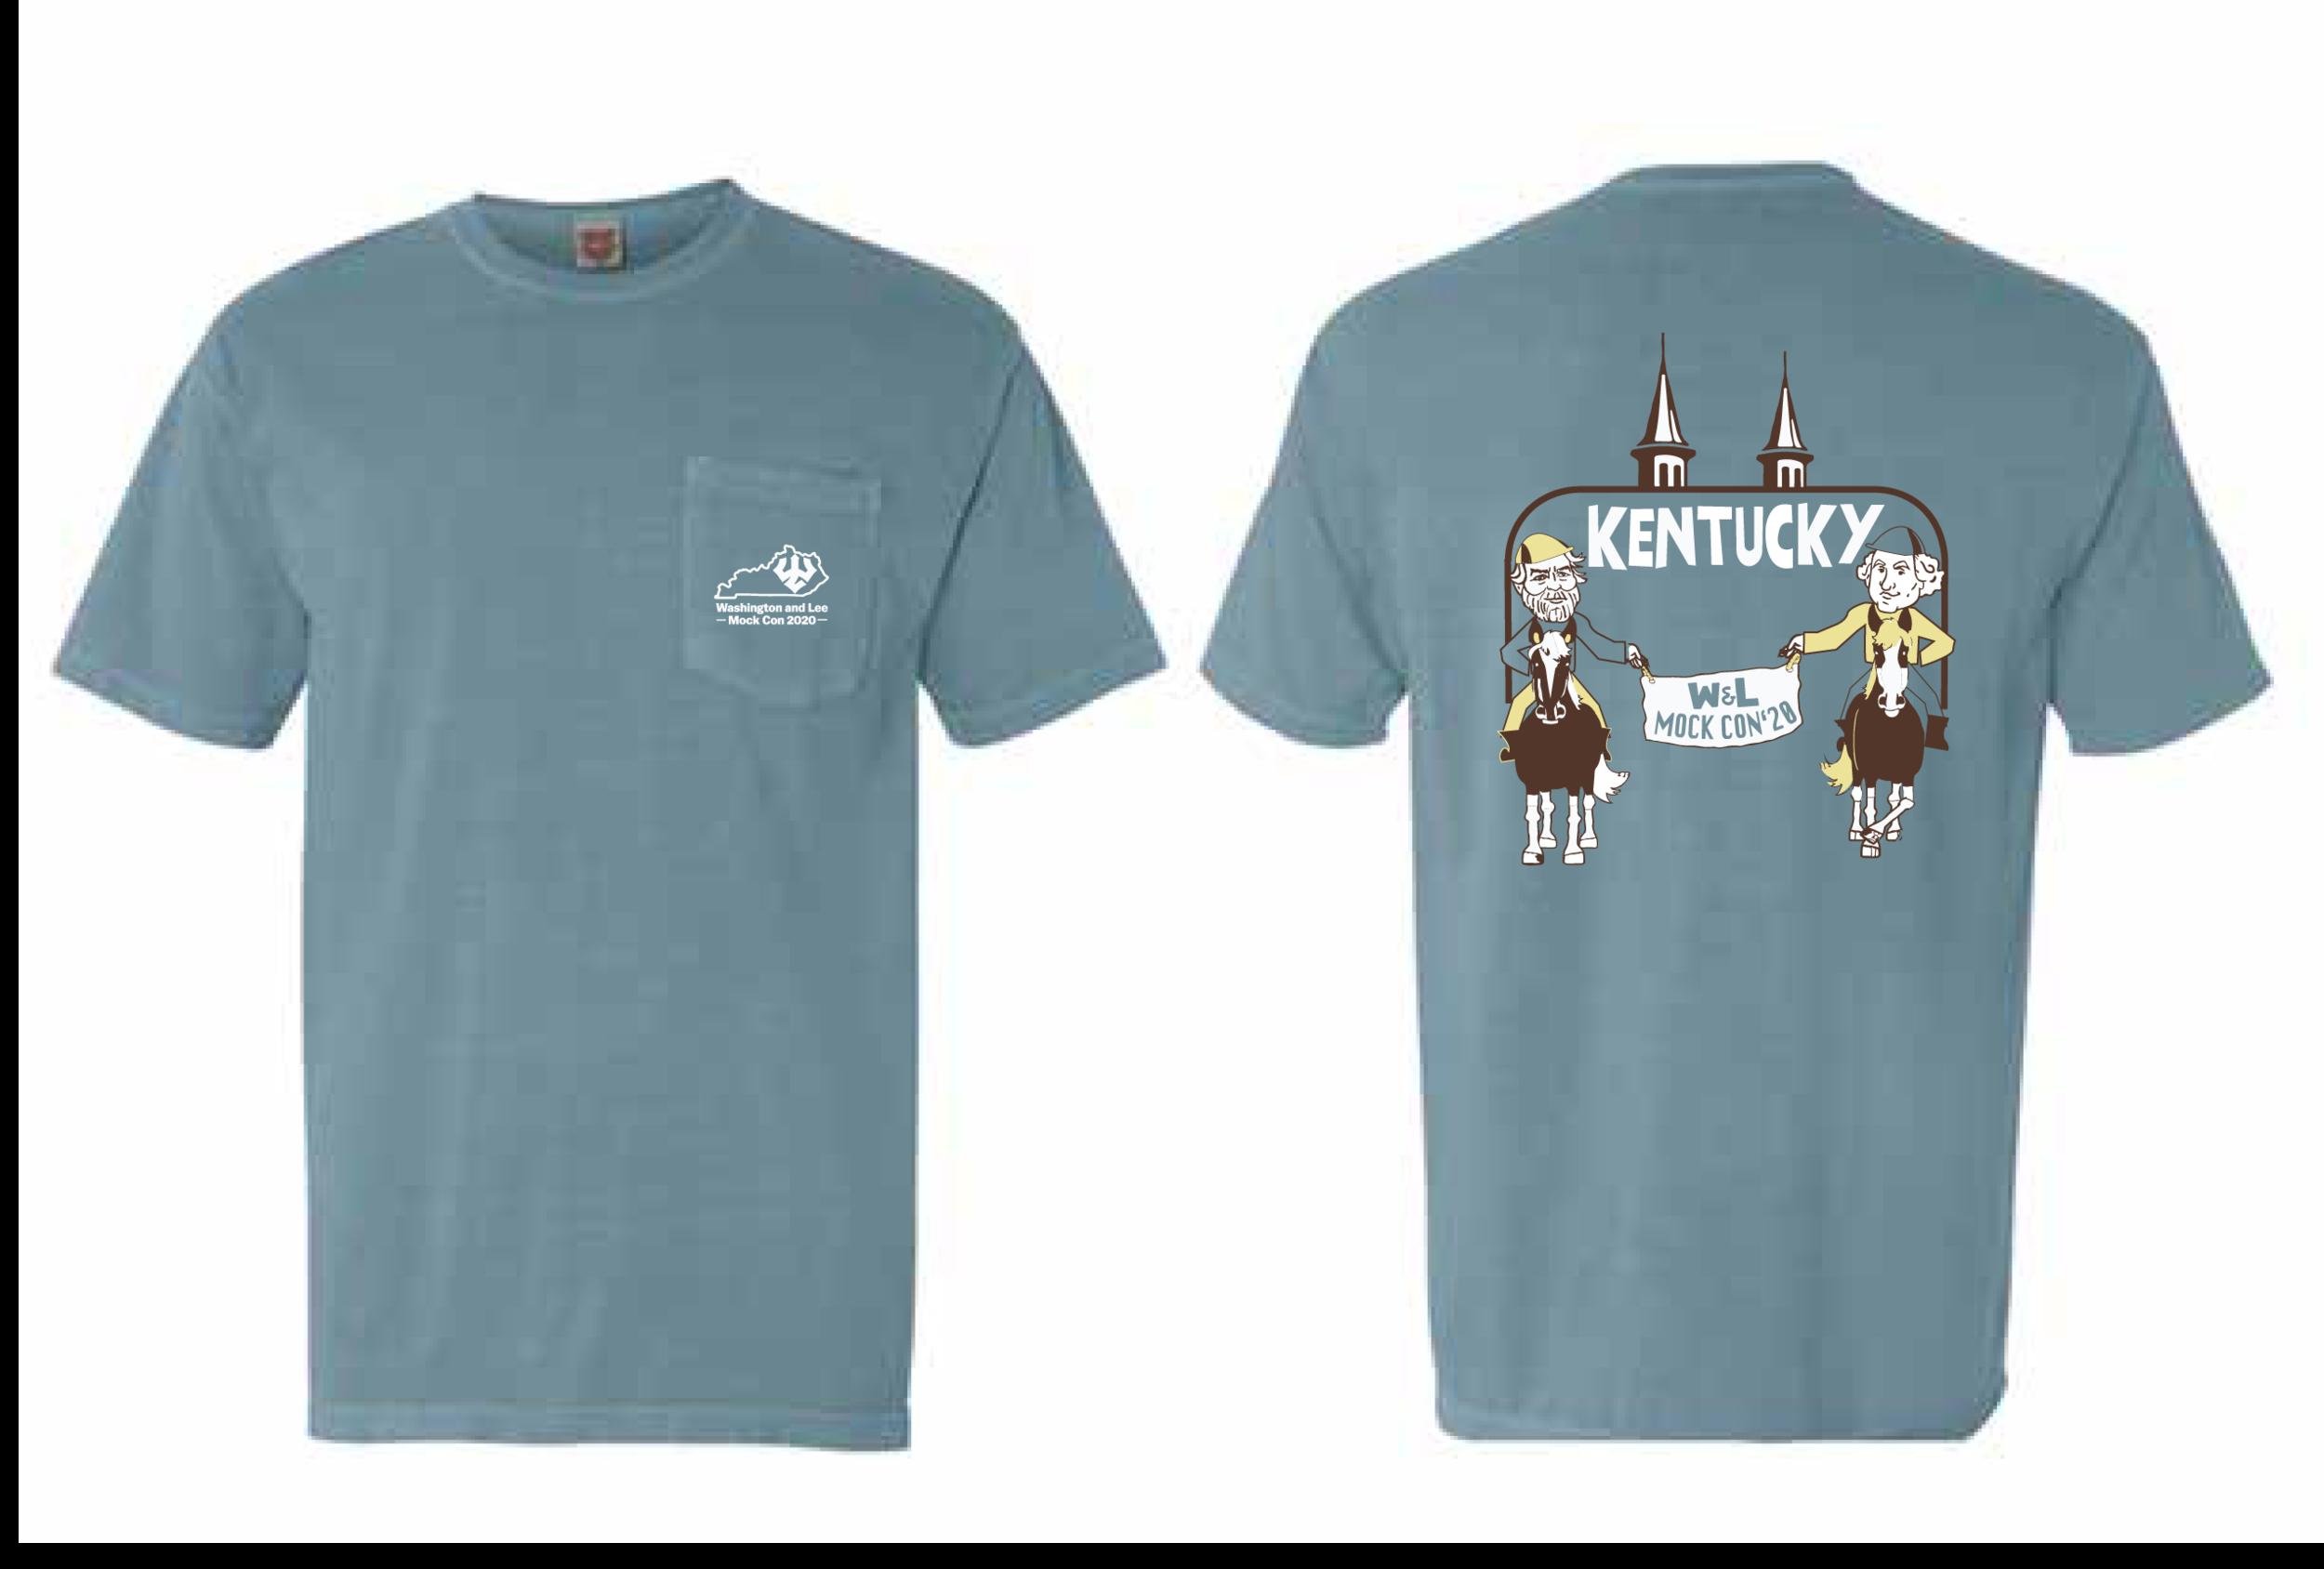 Kentucky State Tee